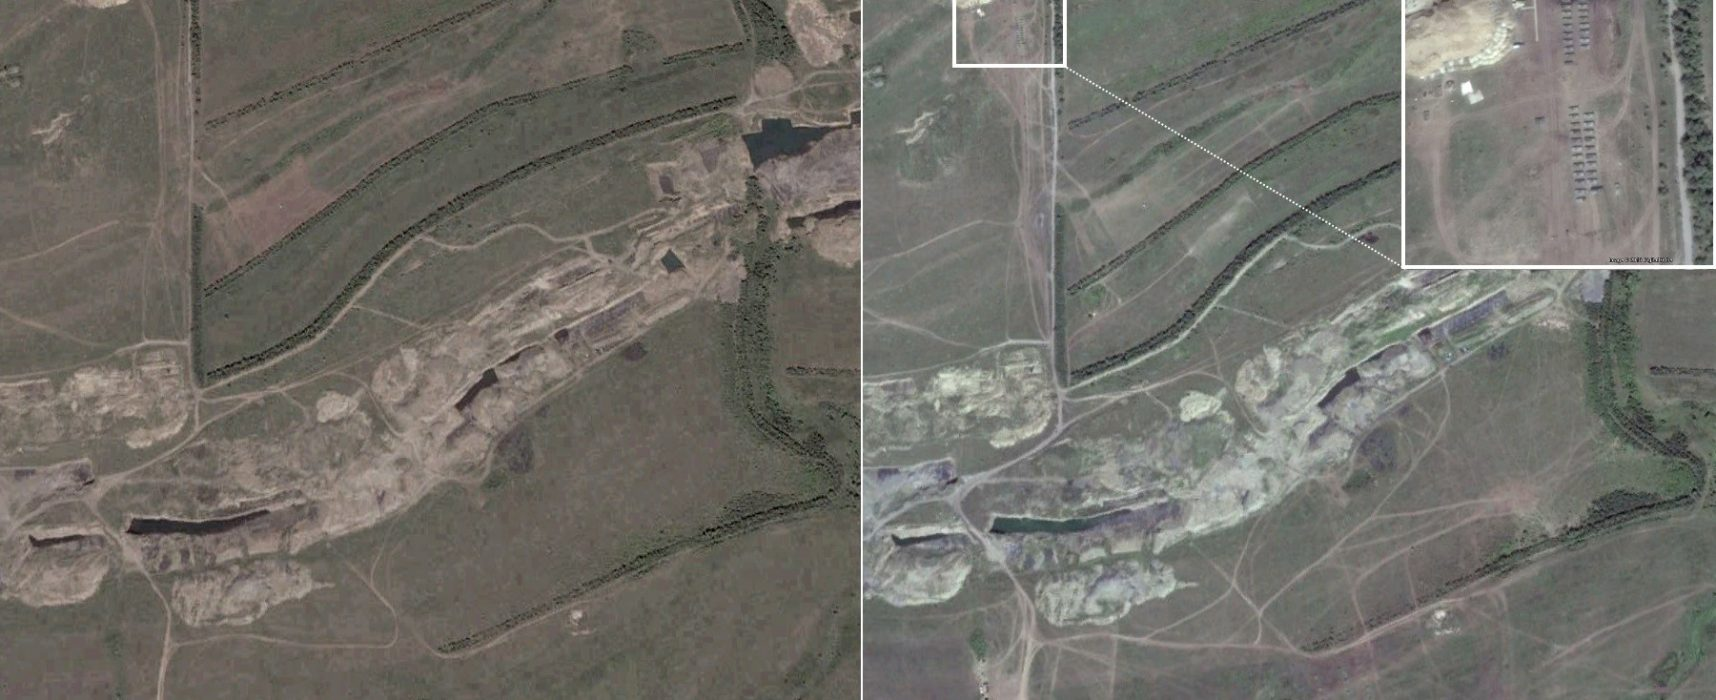 Die Panzer von Buhaivka: Ein verbotener Truppenübungsplatz in der Ostukraine